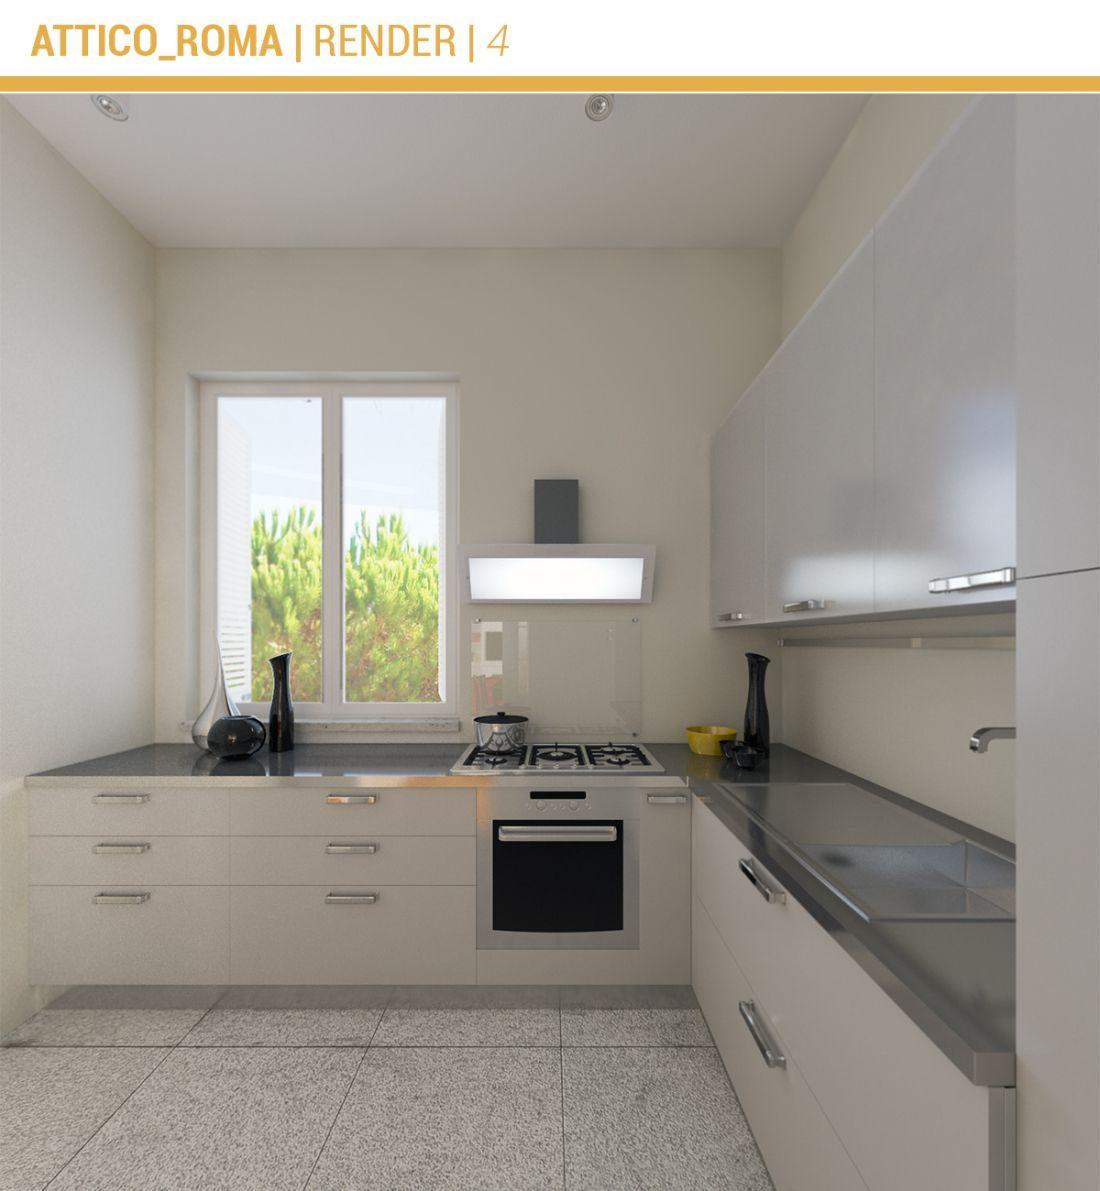 Ristrutturazione attico centro di roma via arno 02a - Ristrutturazione cucine roma ...